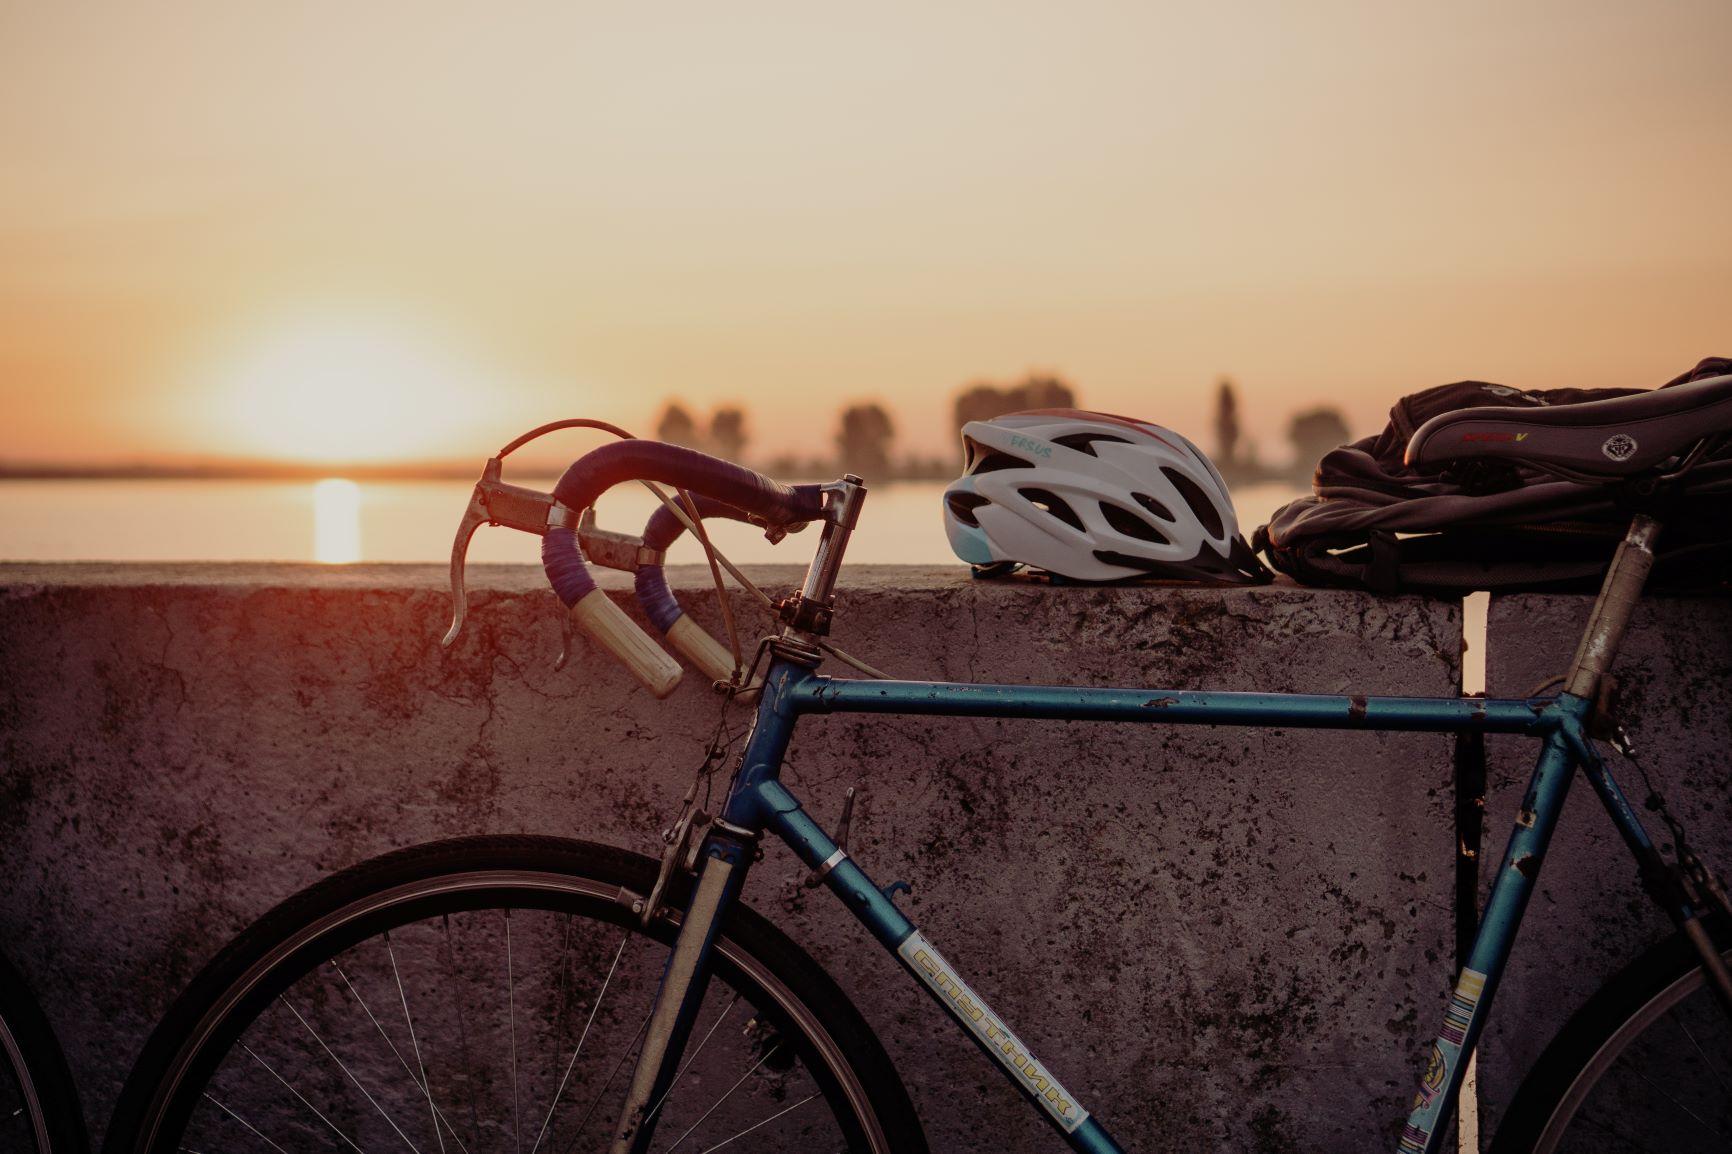 bett+bikeb